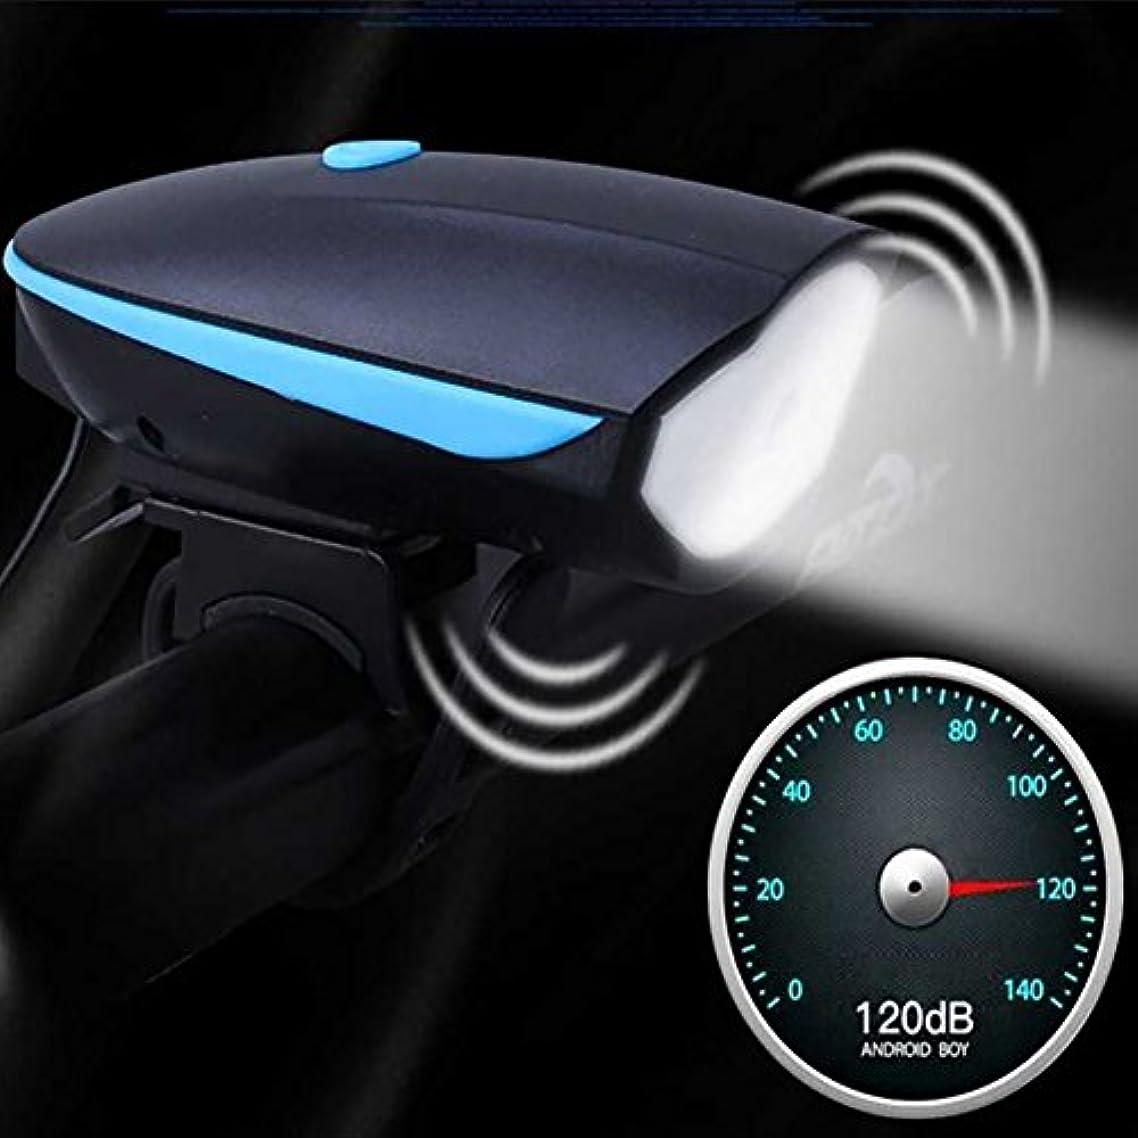 通知ビットエクスタシーRaiFu ヘッドライト USB充電 自転車 ホーン 実車 キット付き 防水強力 ライト